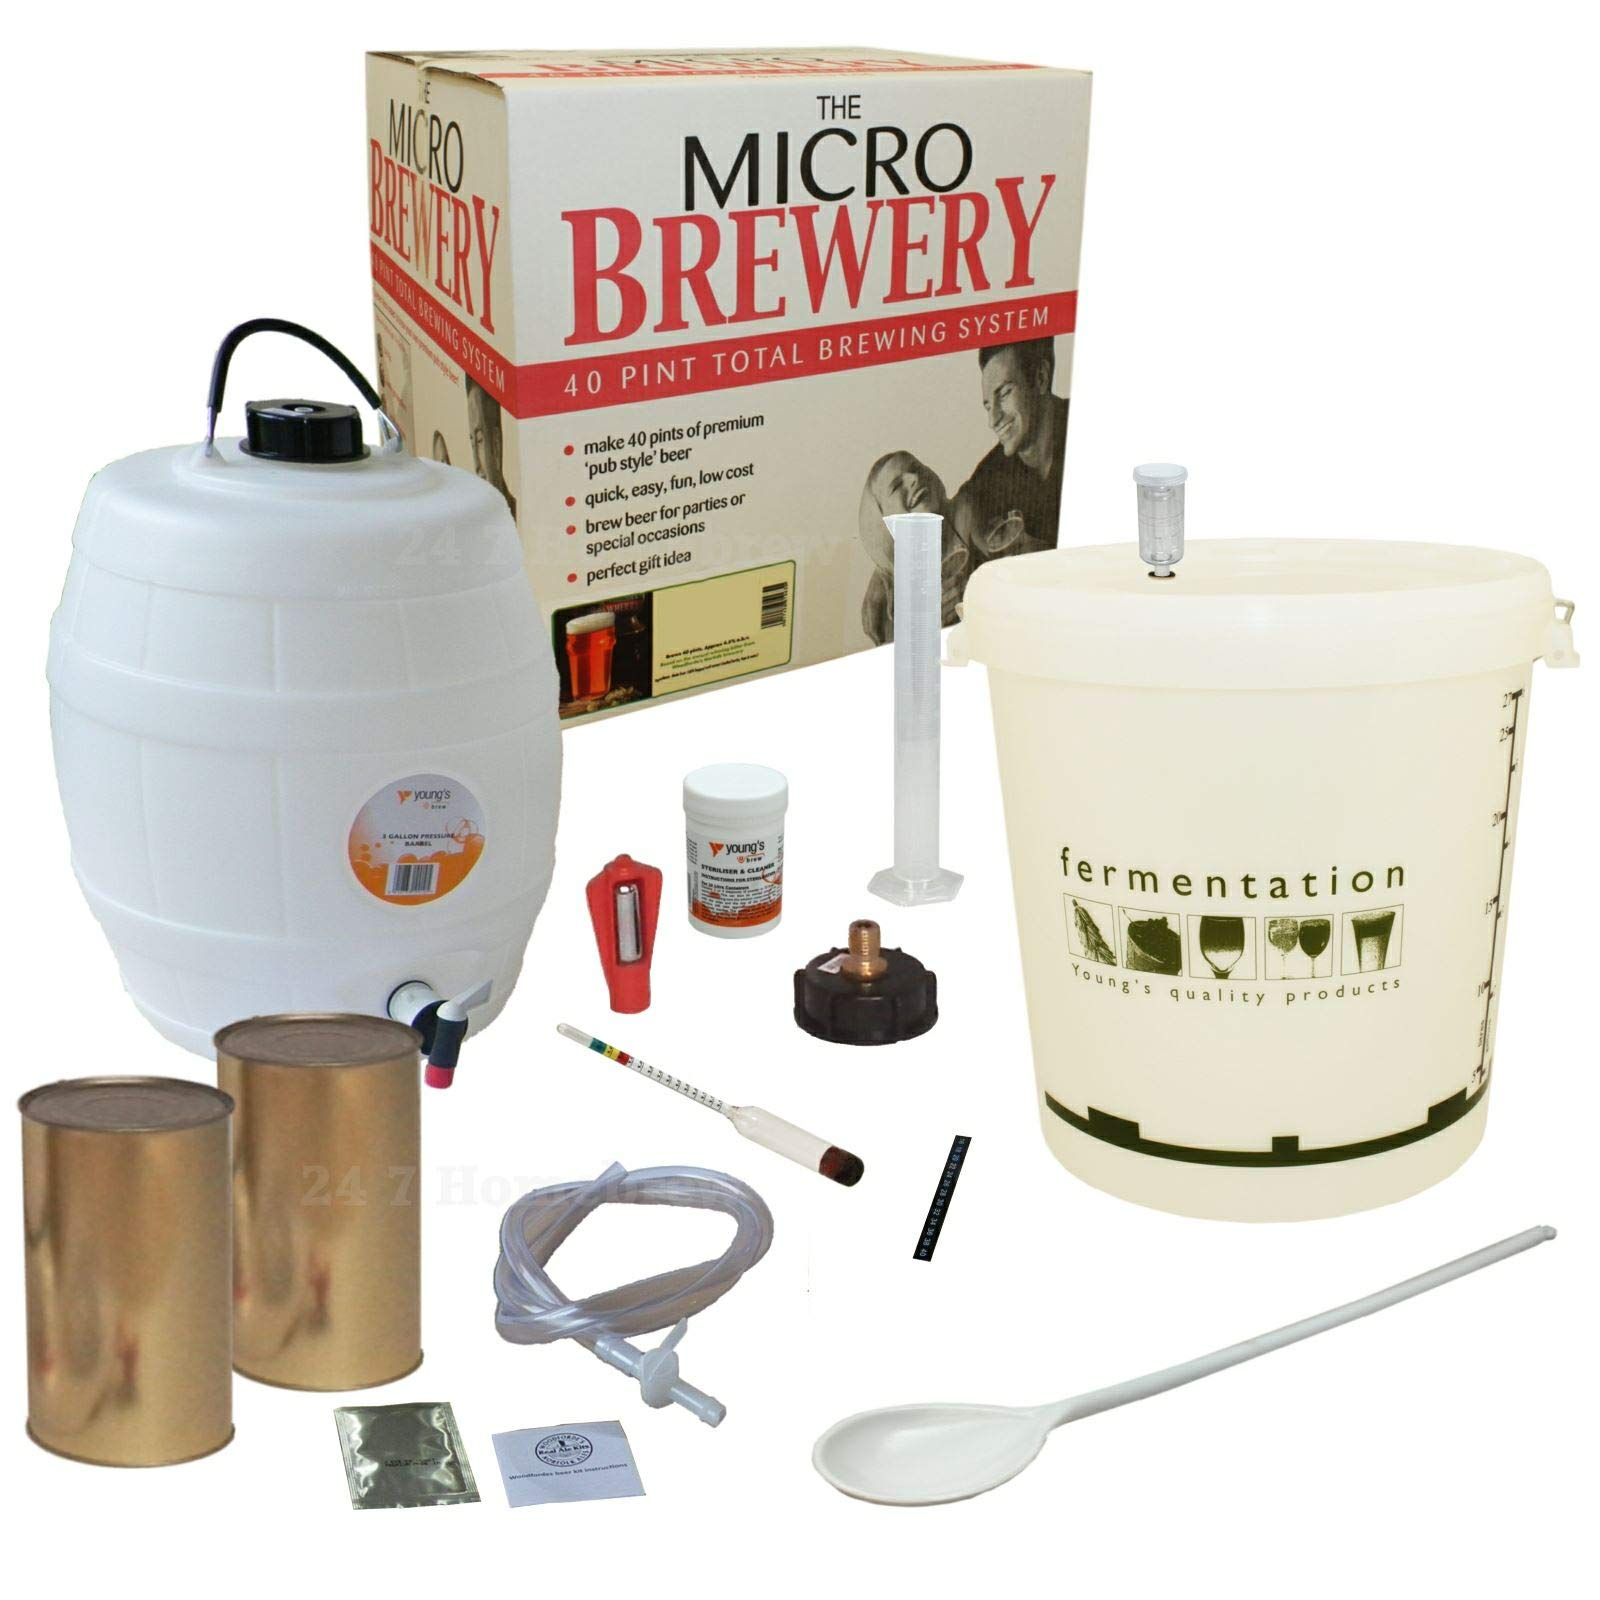 Nuevo Micro Pale Ale cerveza Kit para hacer 40 pintas de cerveza balliihoo Homebrew ideal regalo: Amazon.es: Hogar